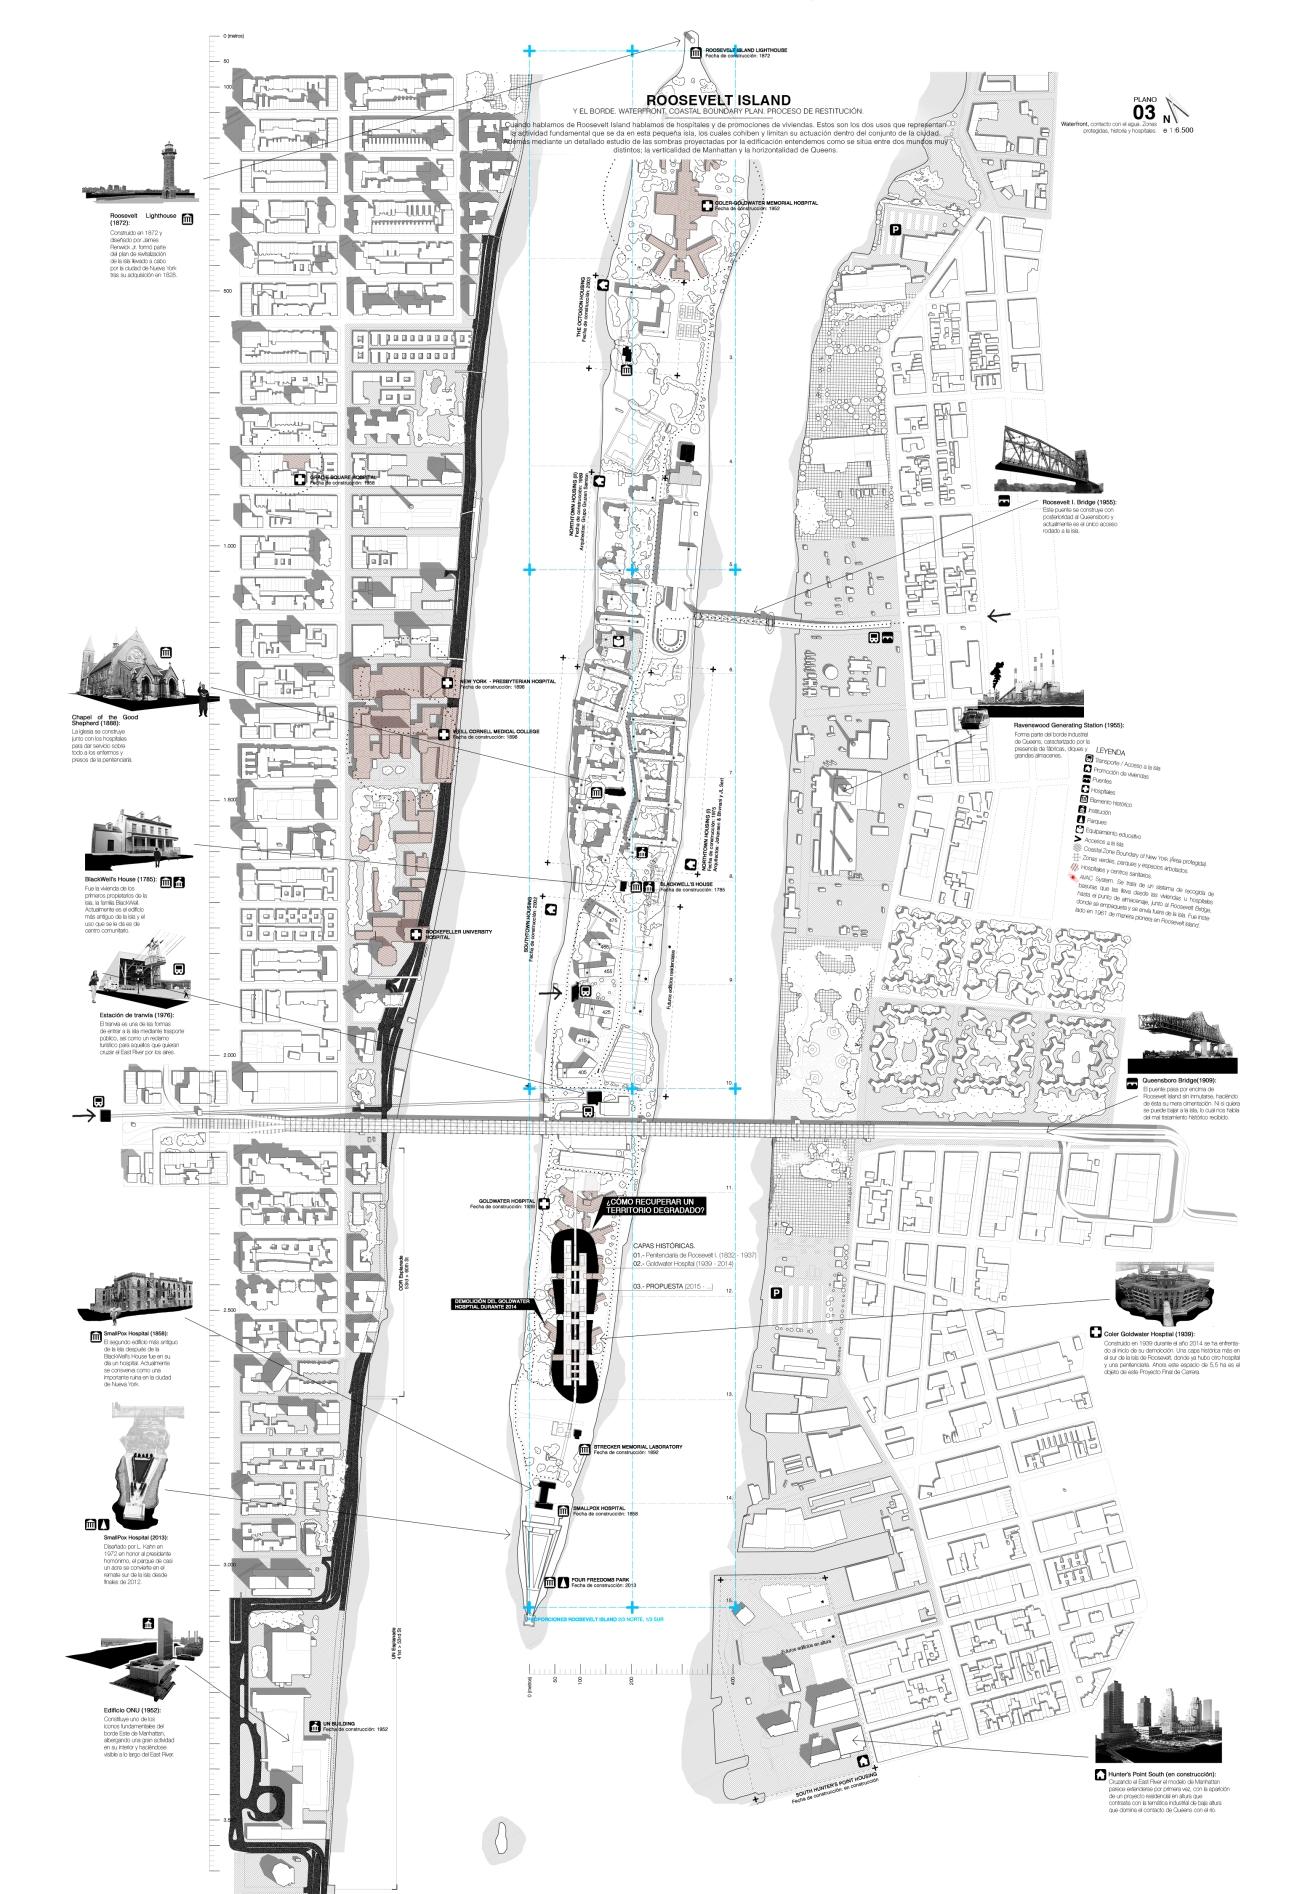 03_Roosevelt-Island-plan_Dorian-Manhattan_Alex-Duro_2015_Final-Thesis_Architecture-School-Alcala.jpg